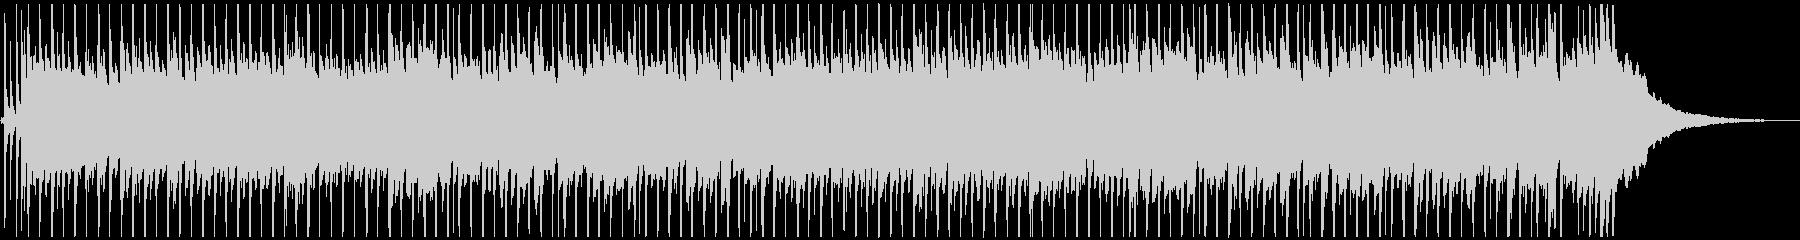 【映像向け】爽やかギターBGM_02の未再生の波形